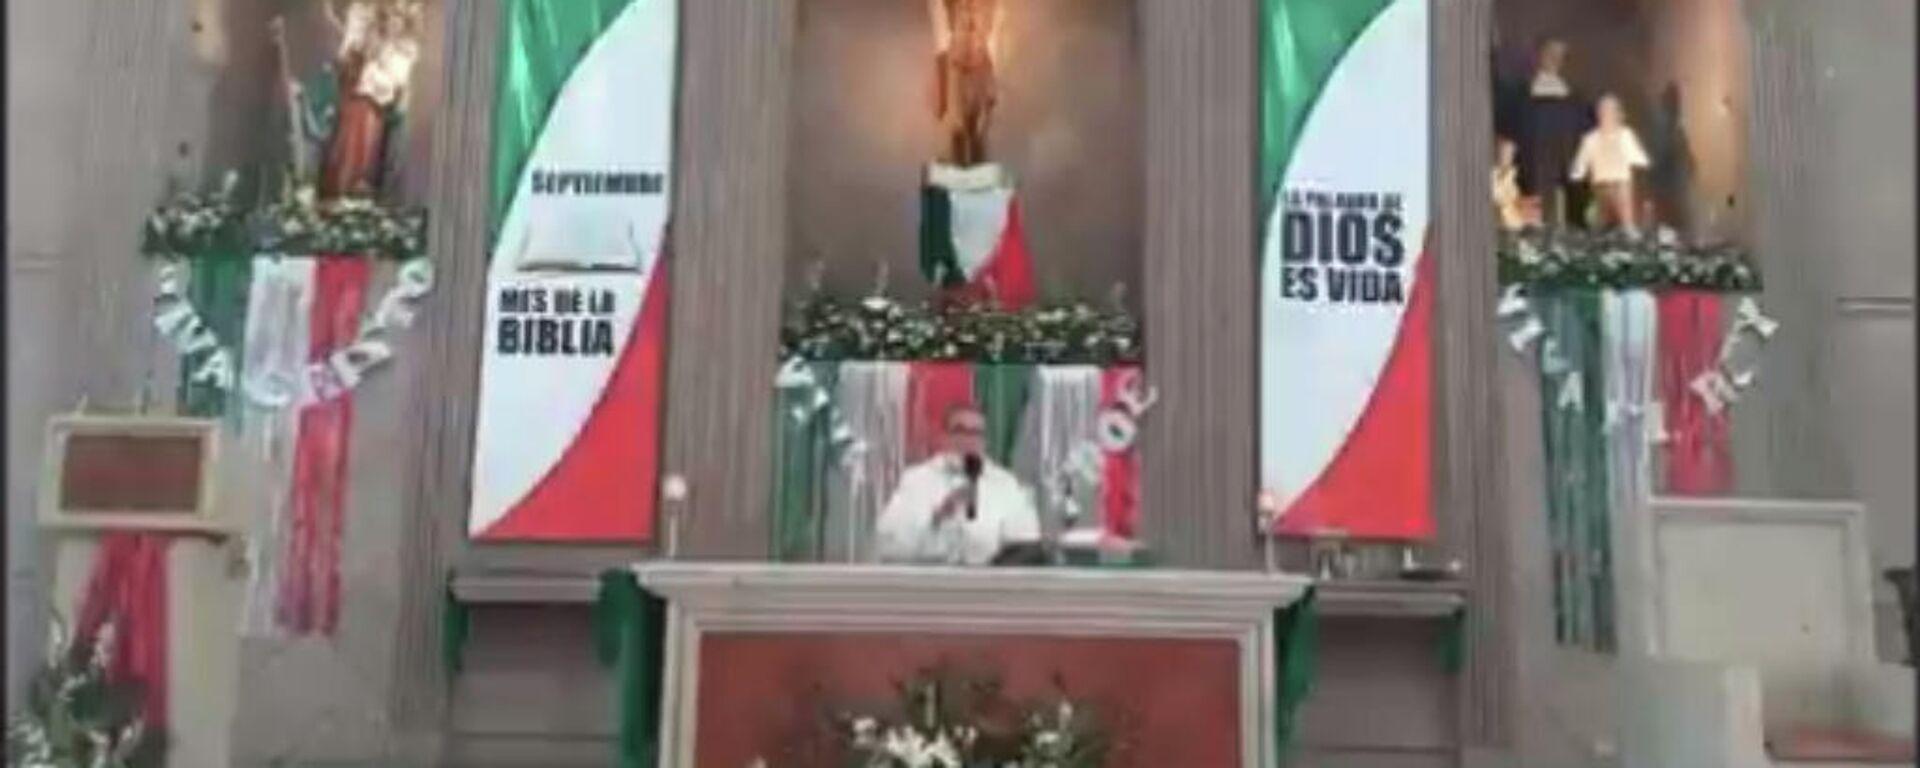 Sacerdote mexicano se lanza contra el aborto.  - Sputnik Mundo, 1920, 13.09.2021